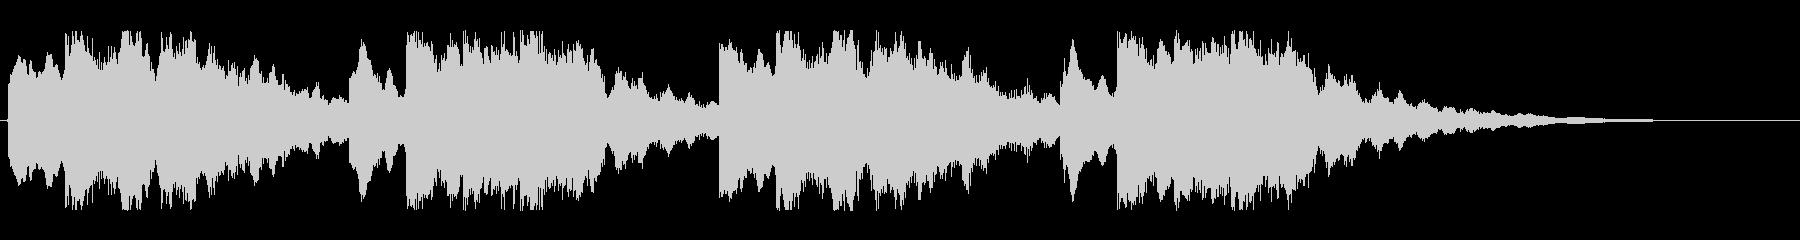 キーンコーンカーンコーン06(早め2回)の未再生の波形